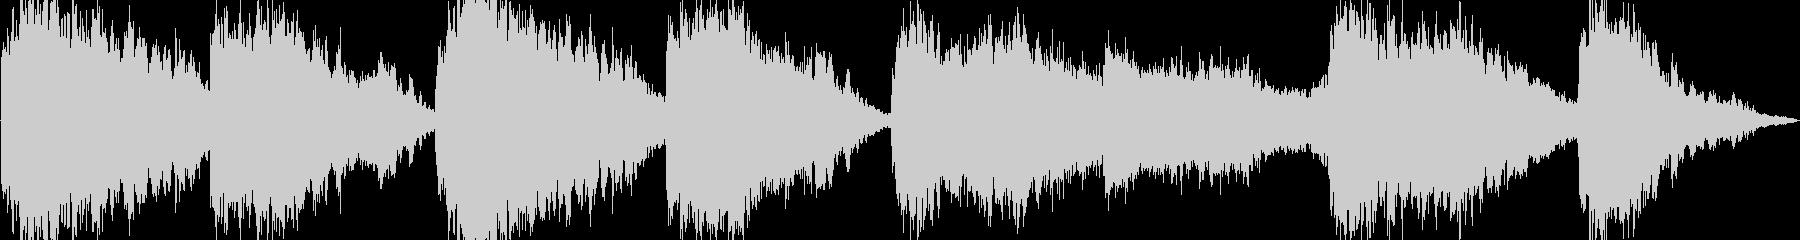 近未来的で神秘的なBGM の未再生の波形